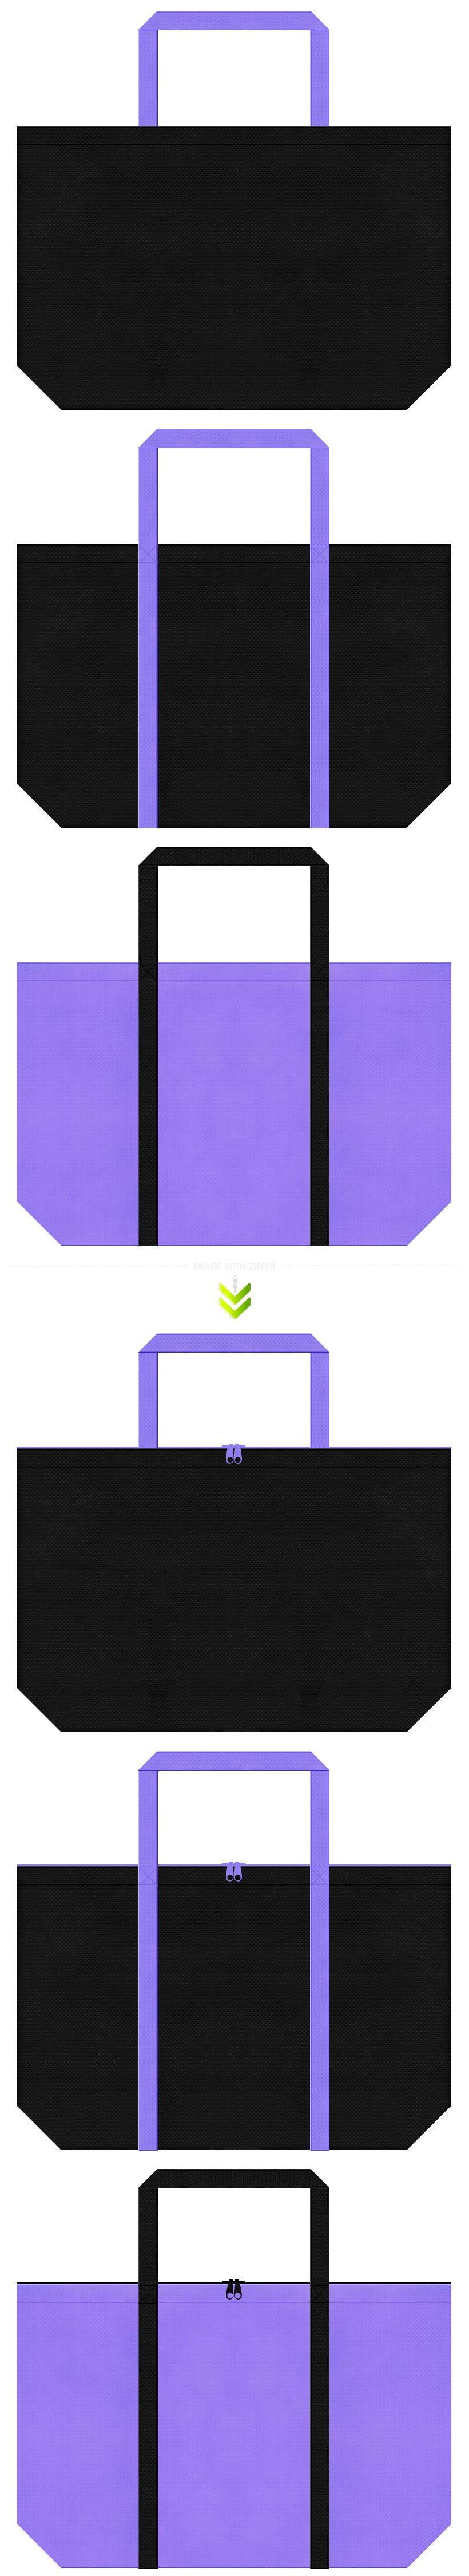 黒色と薄紫色の不織布エコバッグのデザイン。コスプレウィッグ・衣装のショッピングバッグにお奨めです。